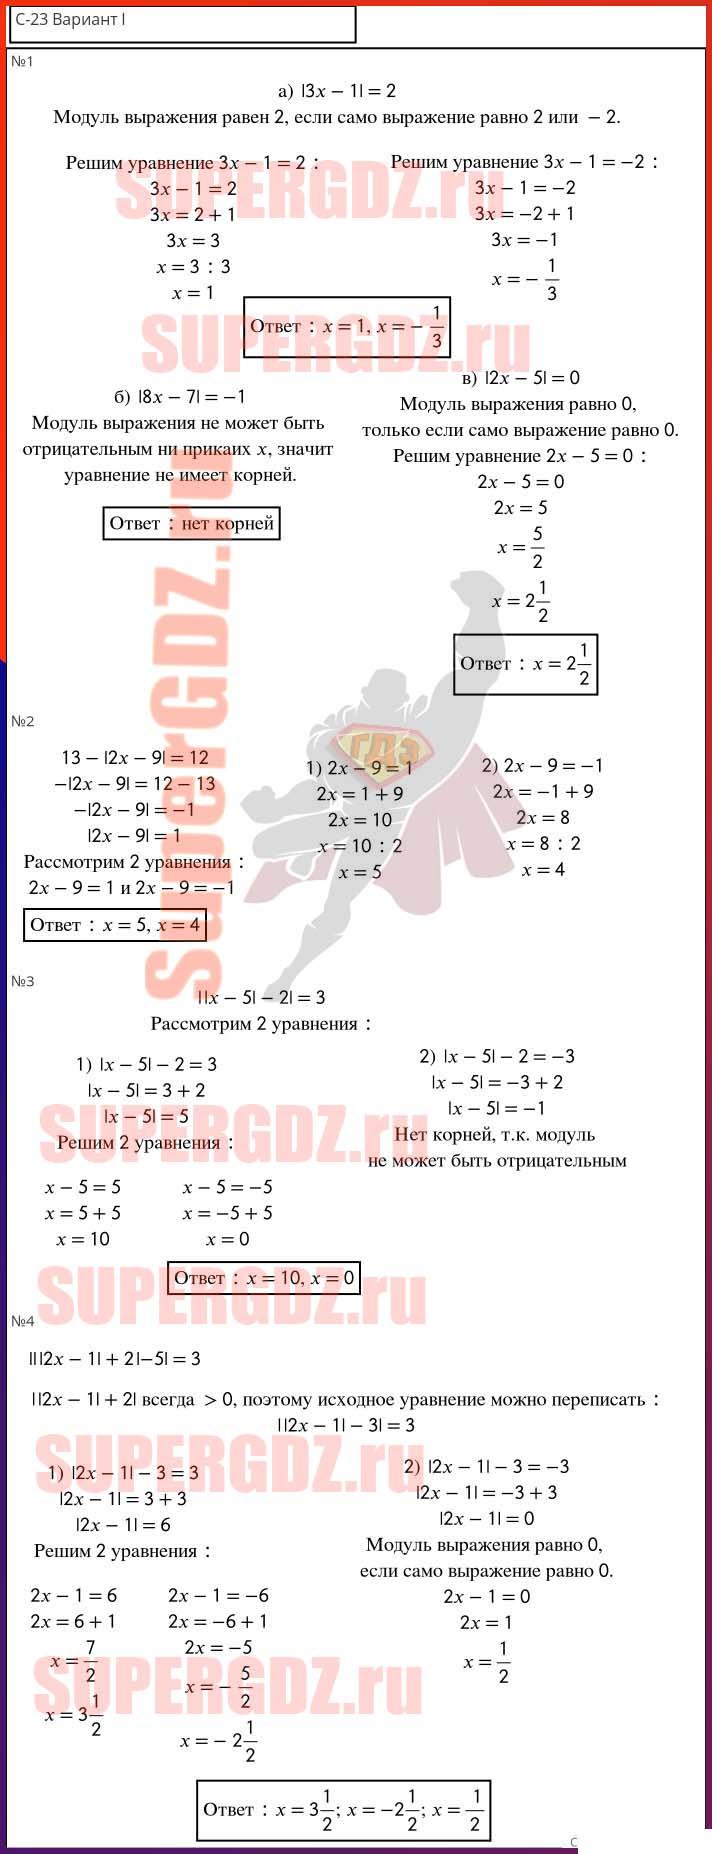 5 потапов решебник по дидактический класс материал математике